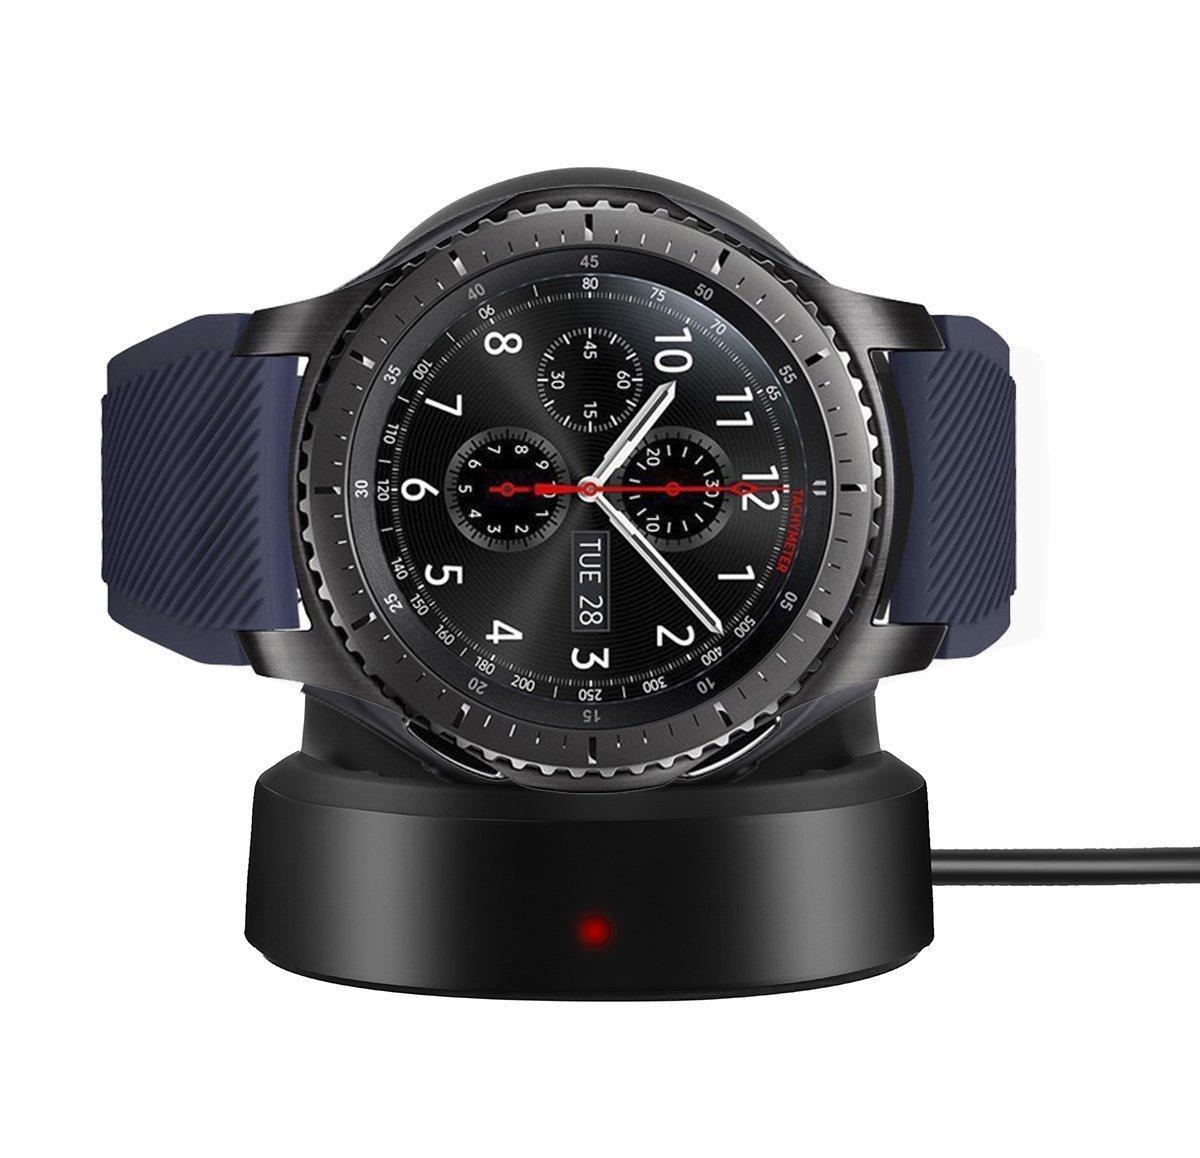 Беспроводное зарядное устройство BeWatch для смарт-часов Samsung Gear S3 Черный (1027700)